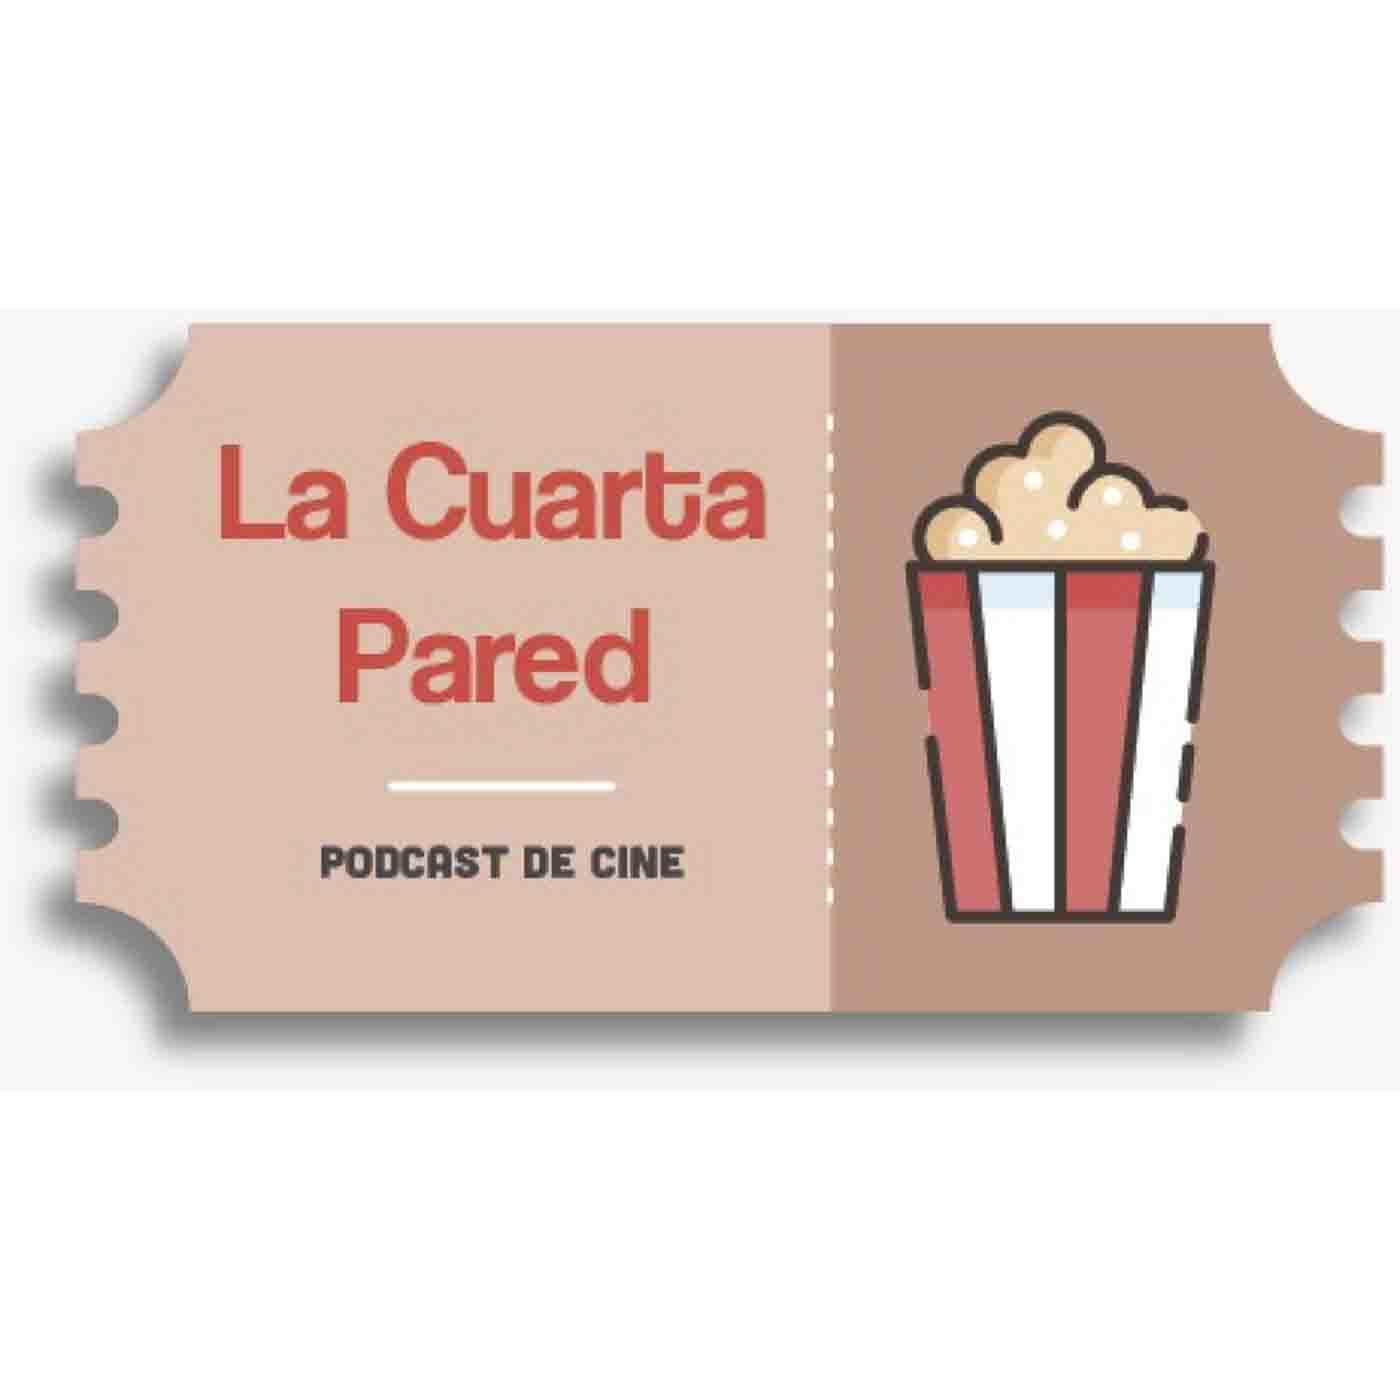 Podcast de cine La Cuarta Pared (Podcast) - www.poderato.com ...